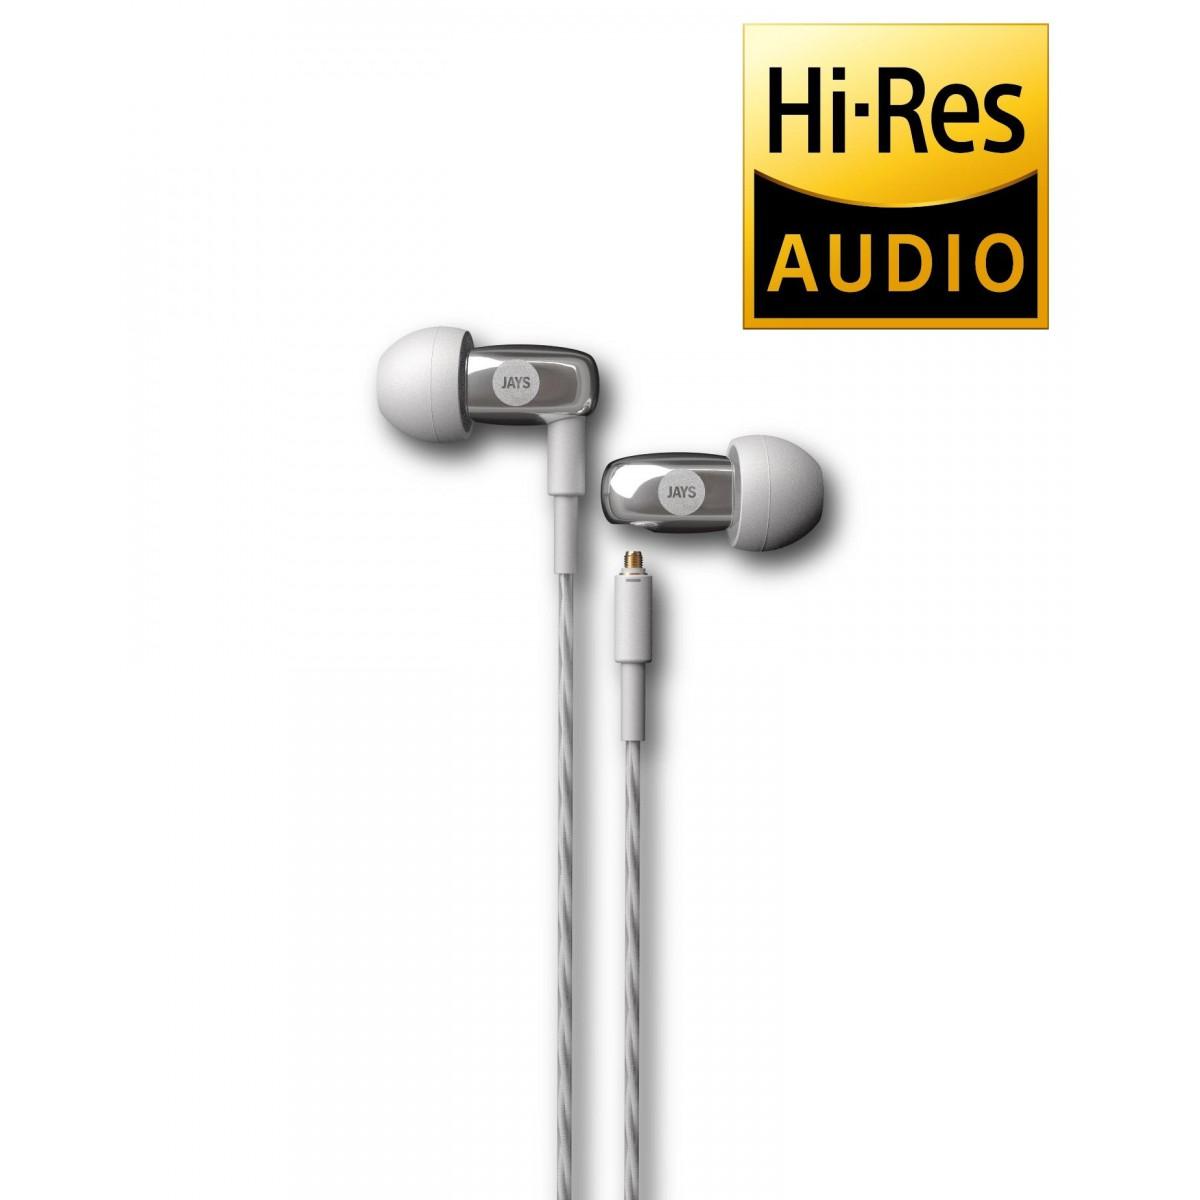 Douszne słuchawki audiofilskie - EDYCJA LIMITOWANA q-JAYS Anniversary Edition